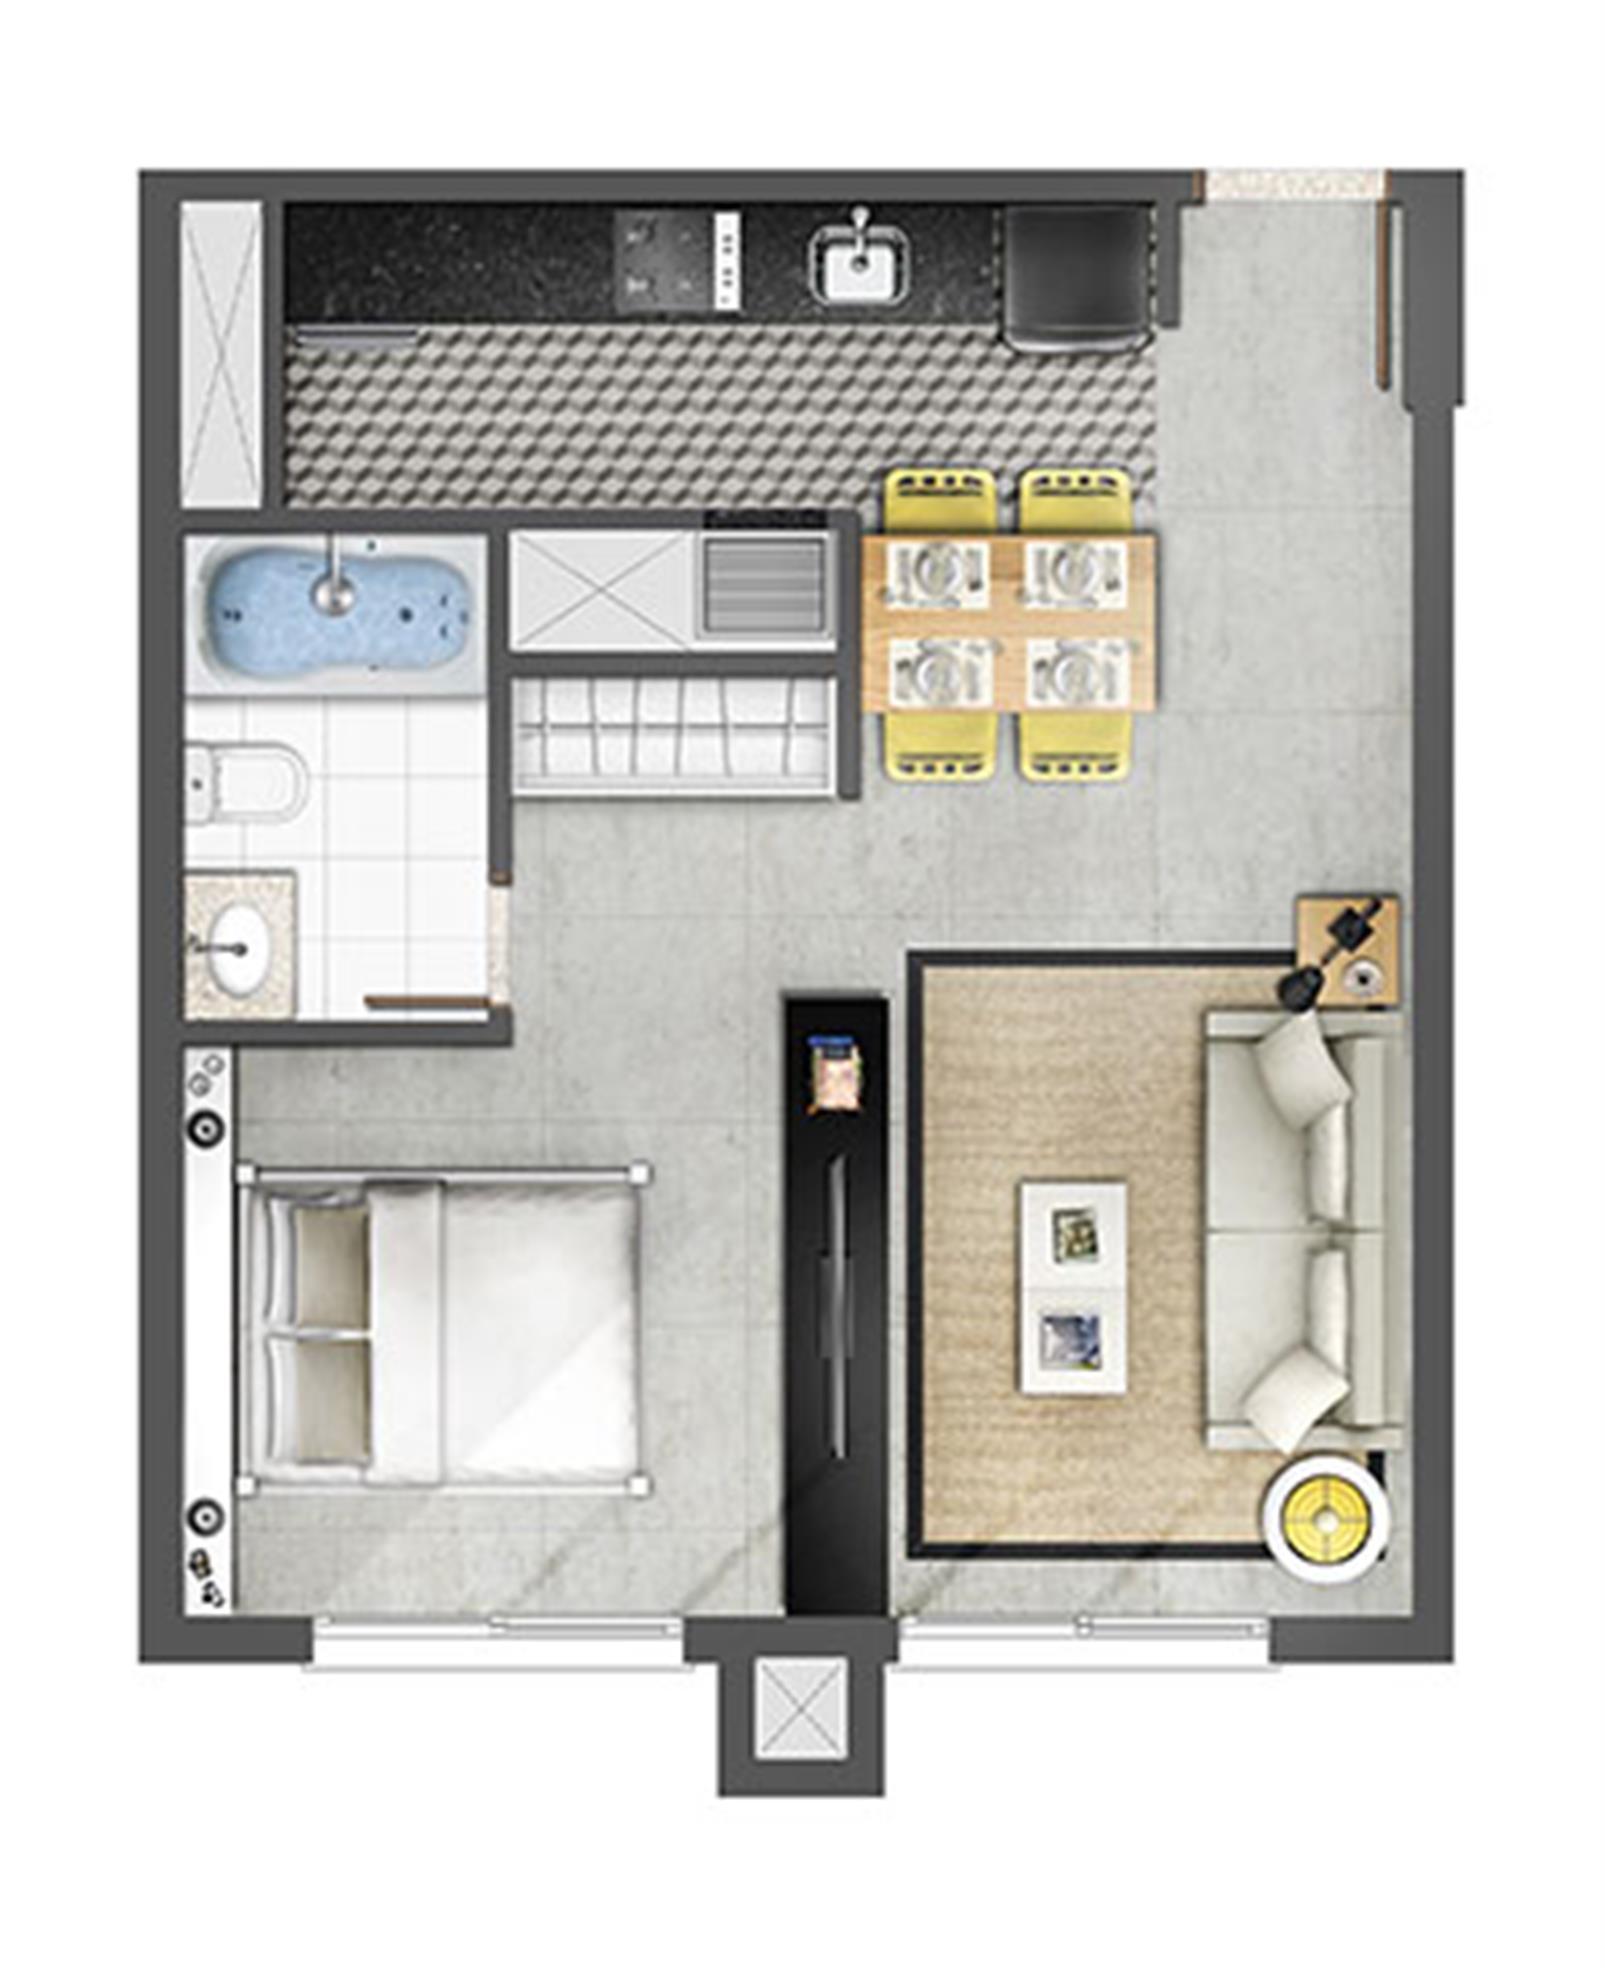 Estudio 45m² Opção com Banheira | Axis - Home – Apartamentono  Petrópolis - Porto Alegre - Rio Grande do Sul